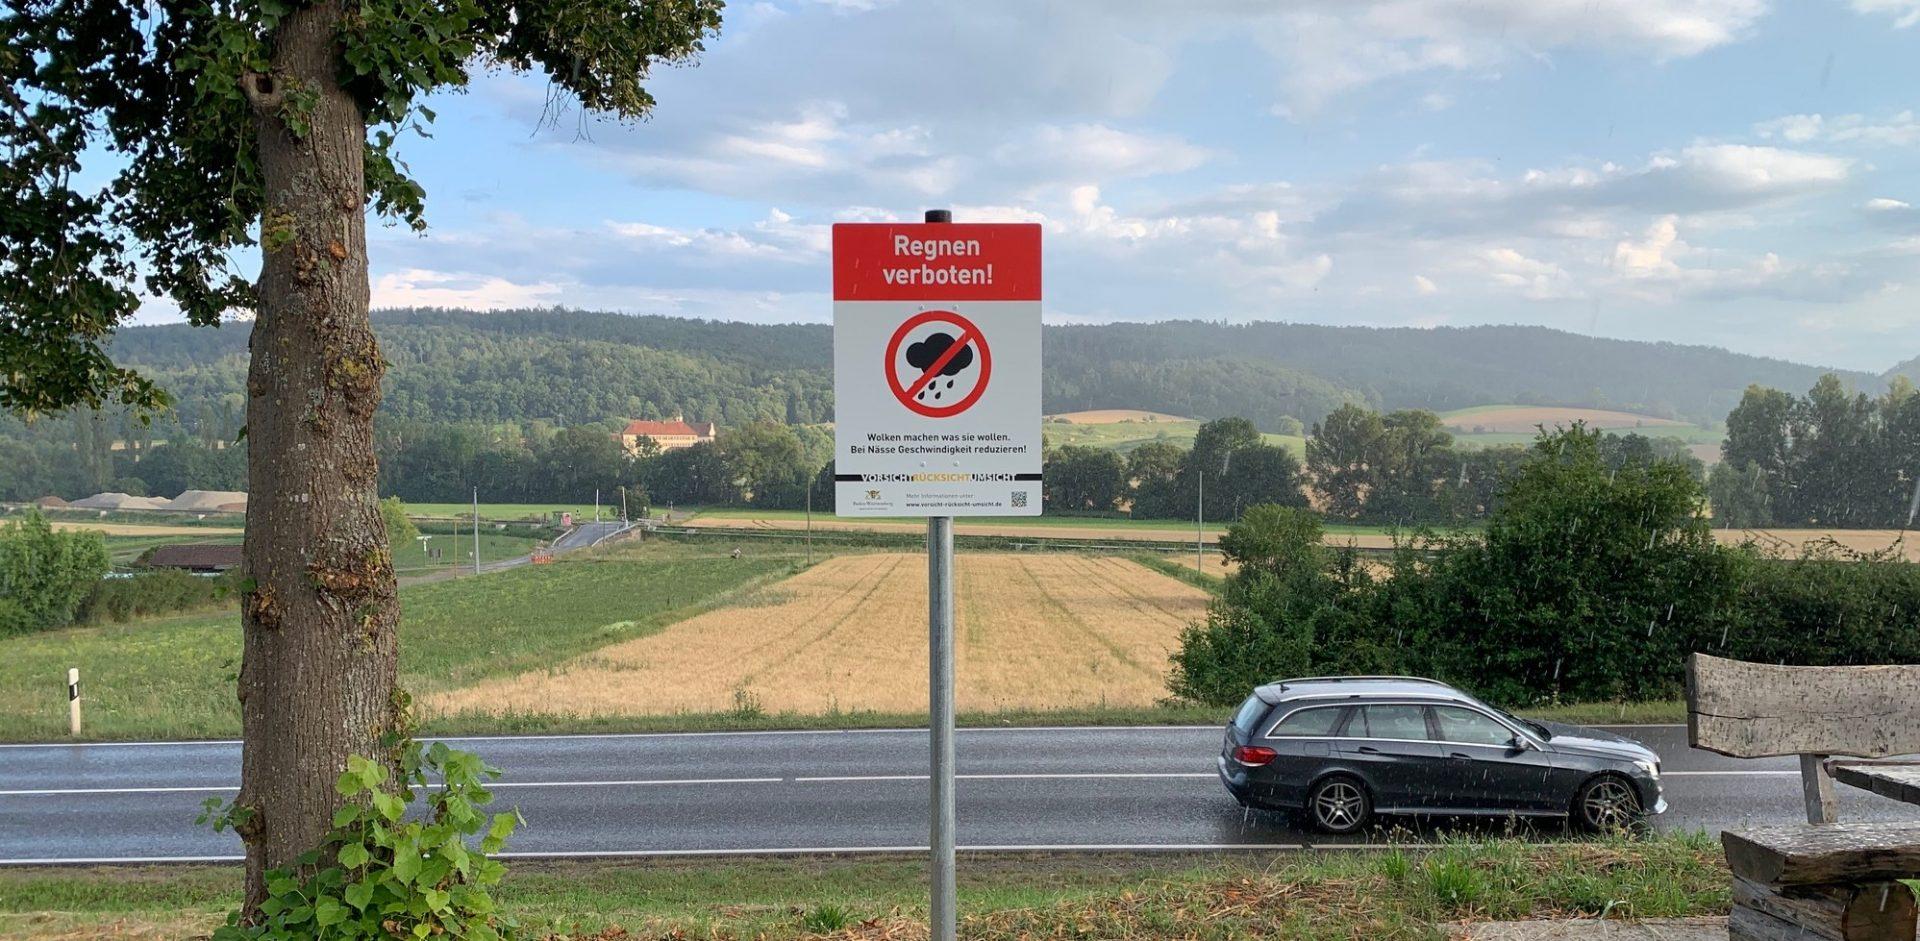 """Foto eines Schildes mit dem Aufdruck """"Regnen verboten"""", im Hintergrund eine Landstraße mit fahrenden Autos bei Regen"""